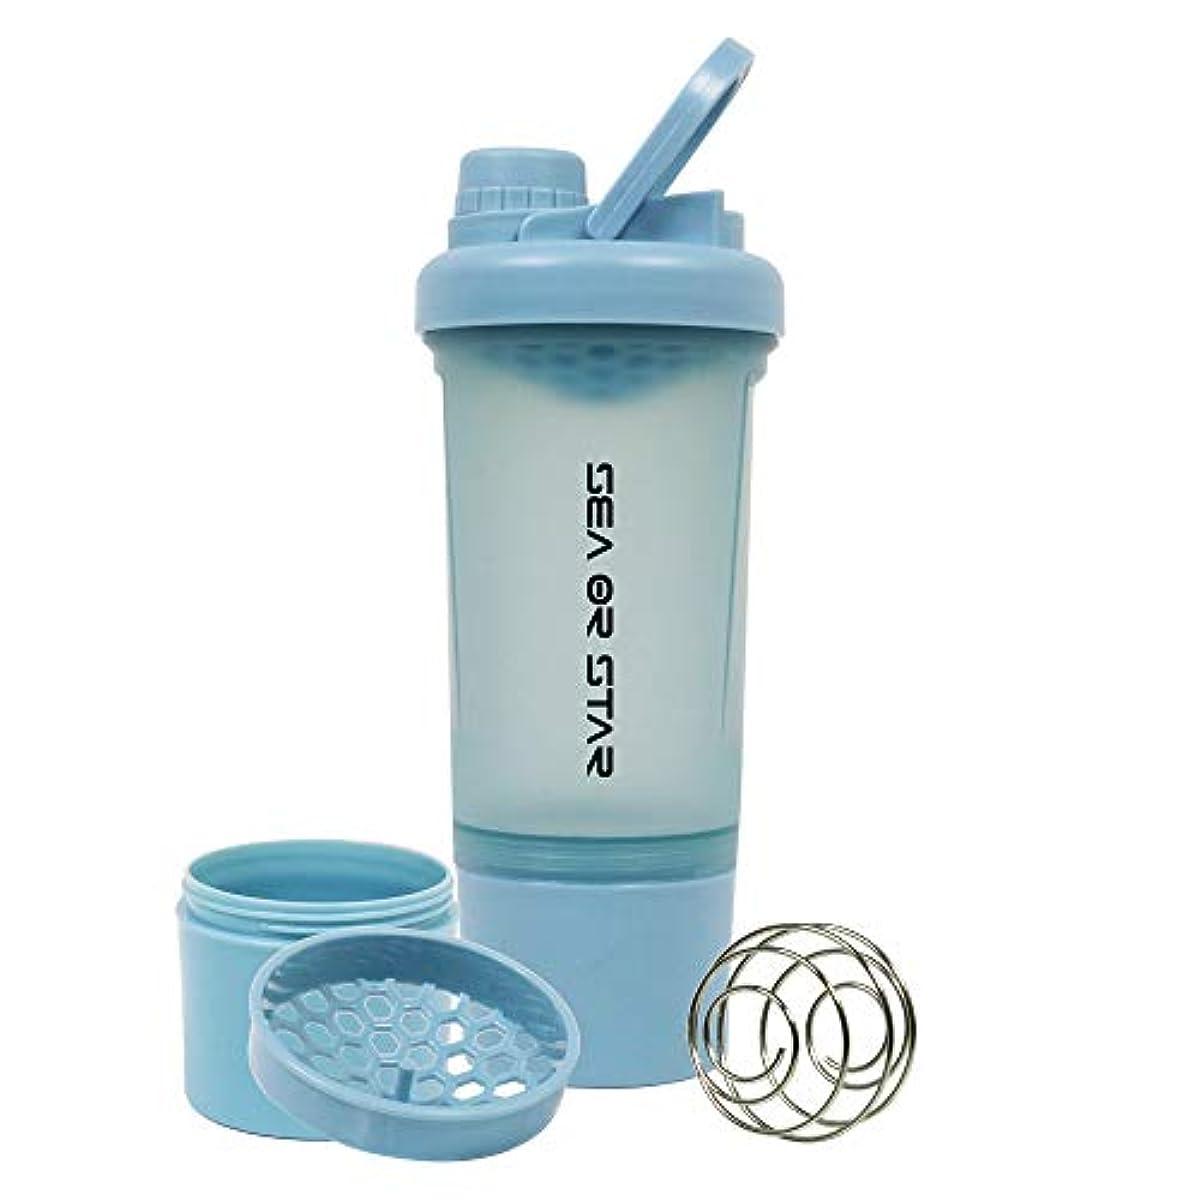 餌ポジティブ飲料SEA or STAR プロテインシェーカーボトル 17オンス シェーカーボール ミキシンググリッド含まれ 屋外フィットネス用のストレージ(ブルー)